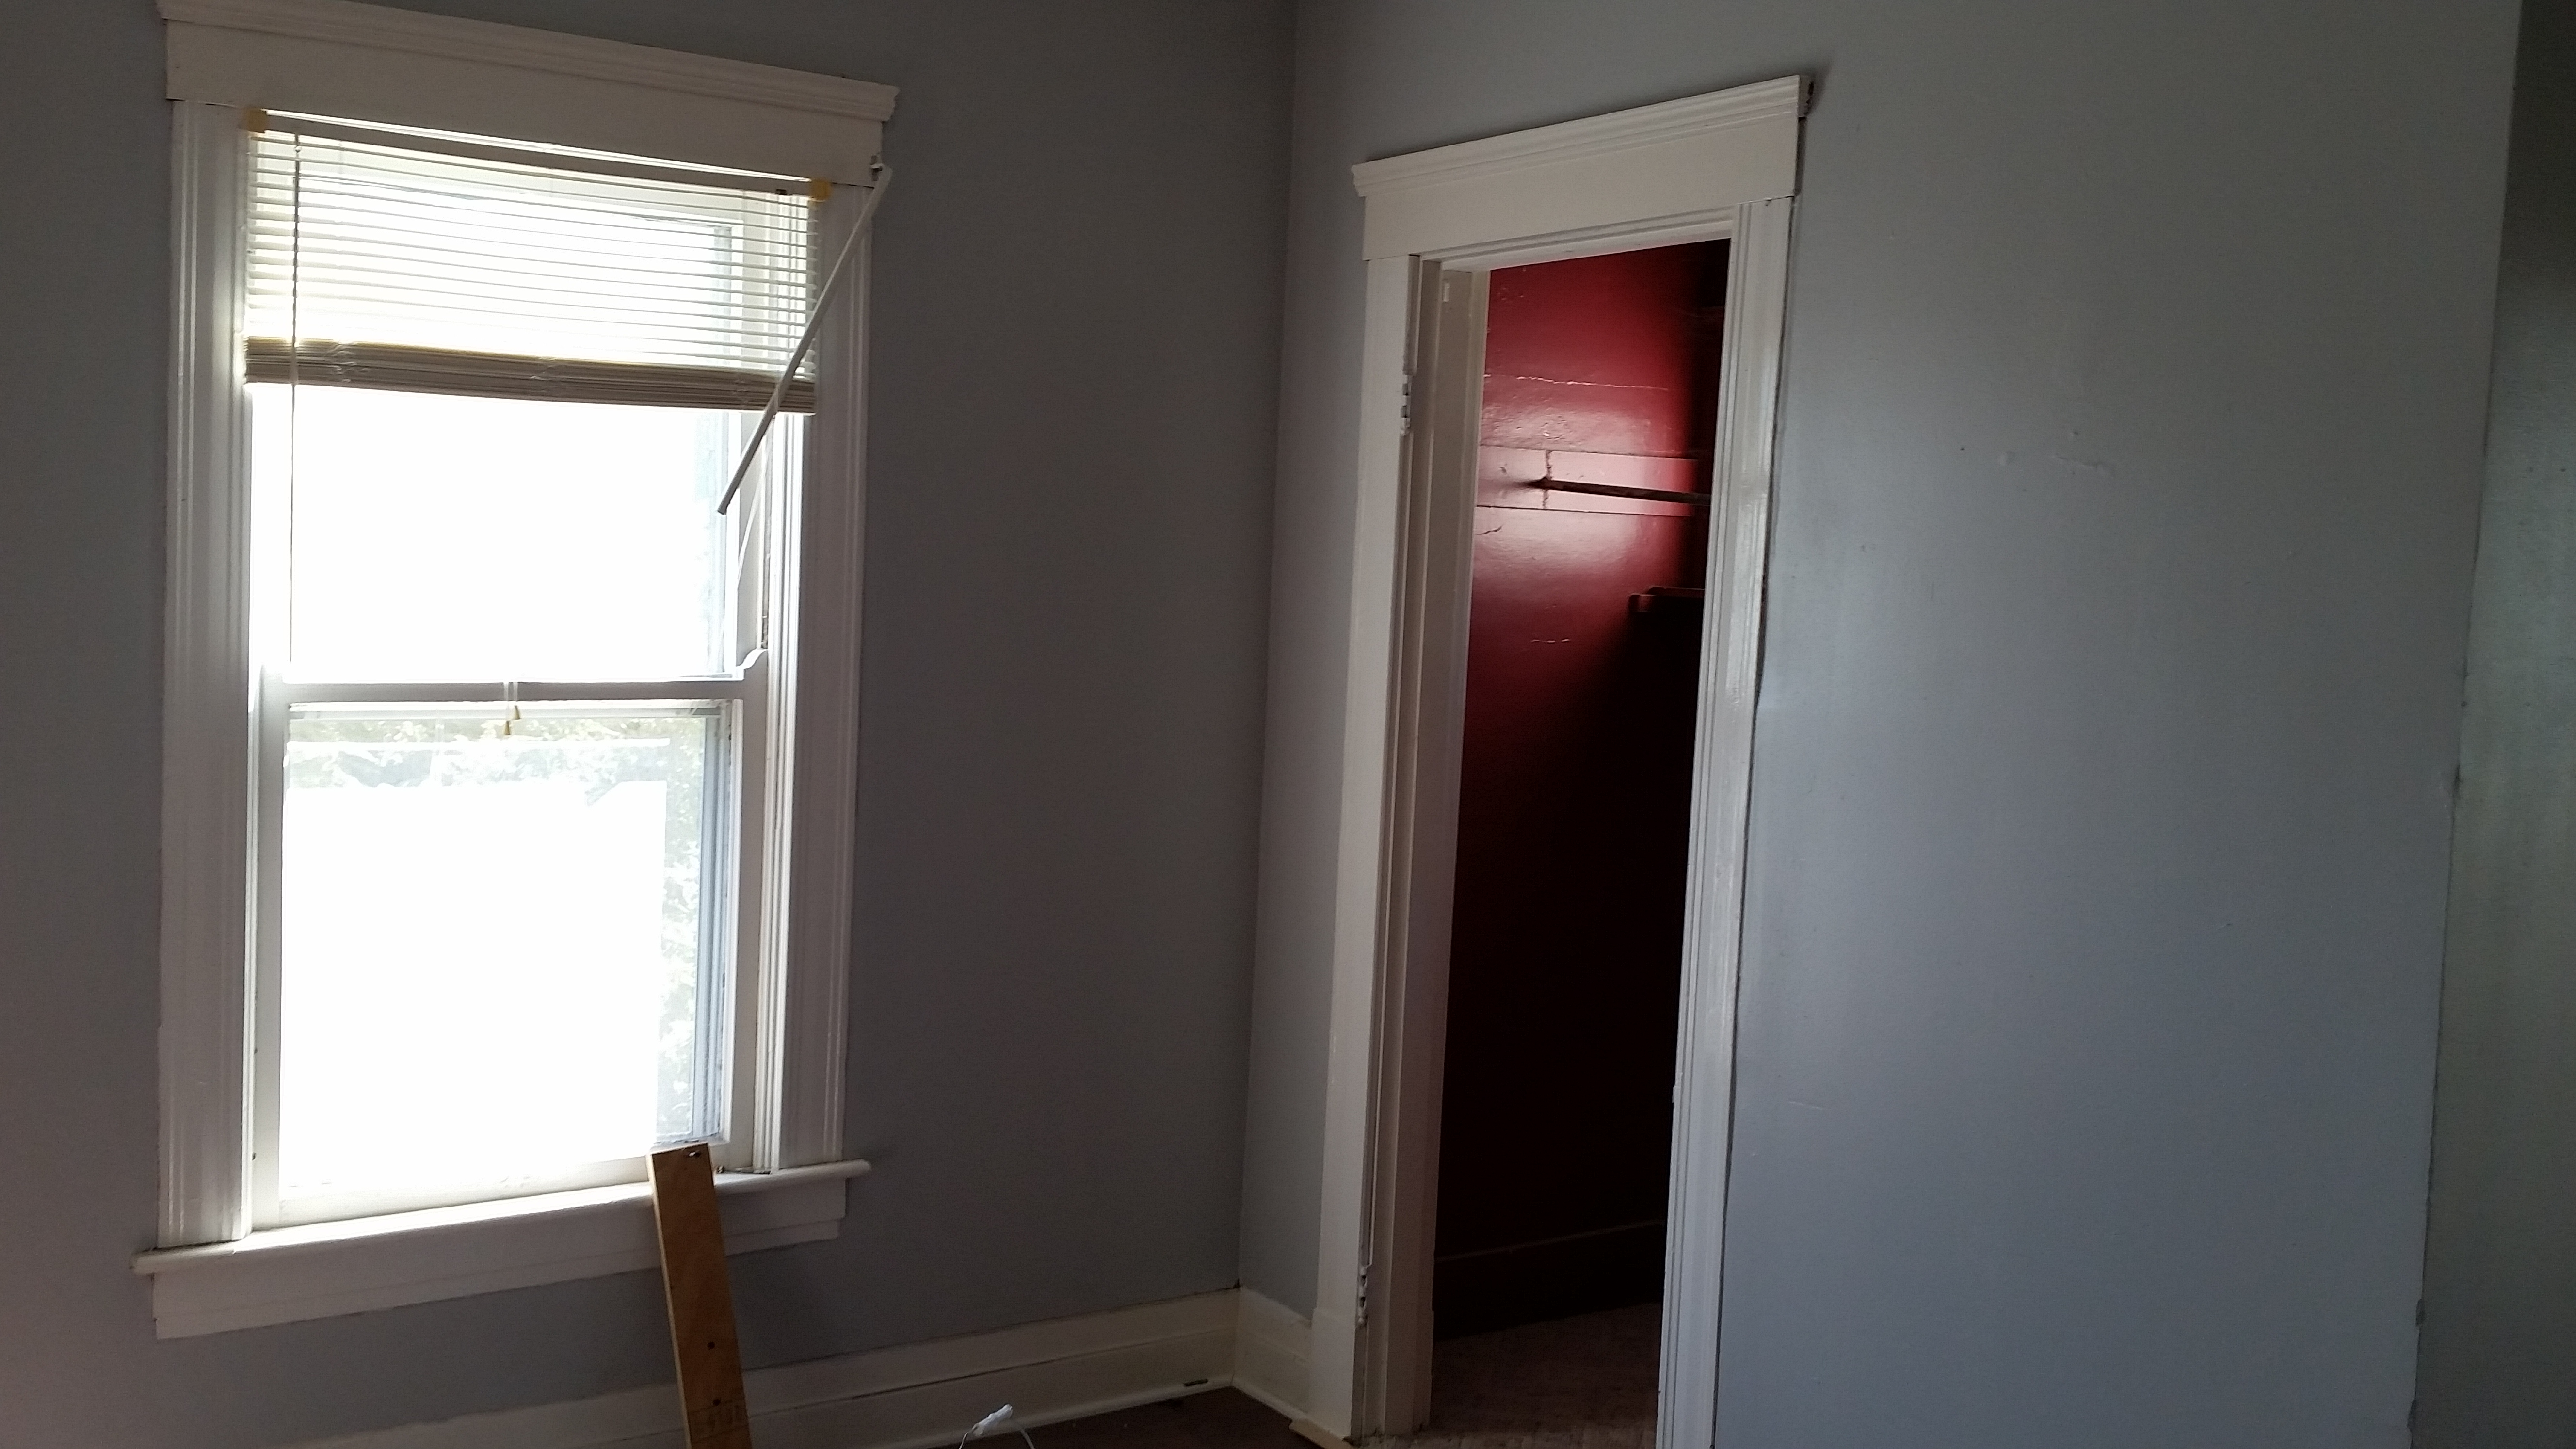 322 West Lexington Avenue Apartment #2, Danville KY 40422